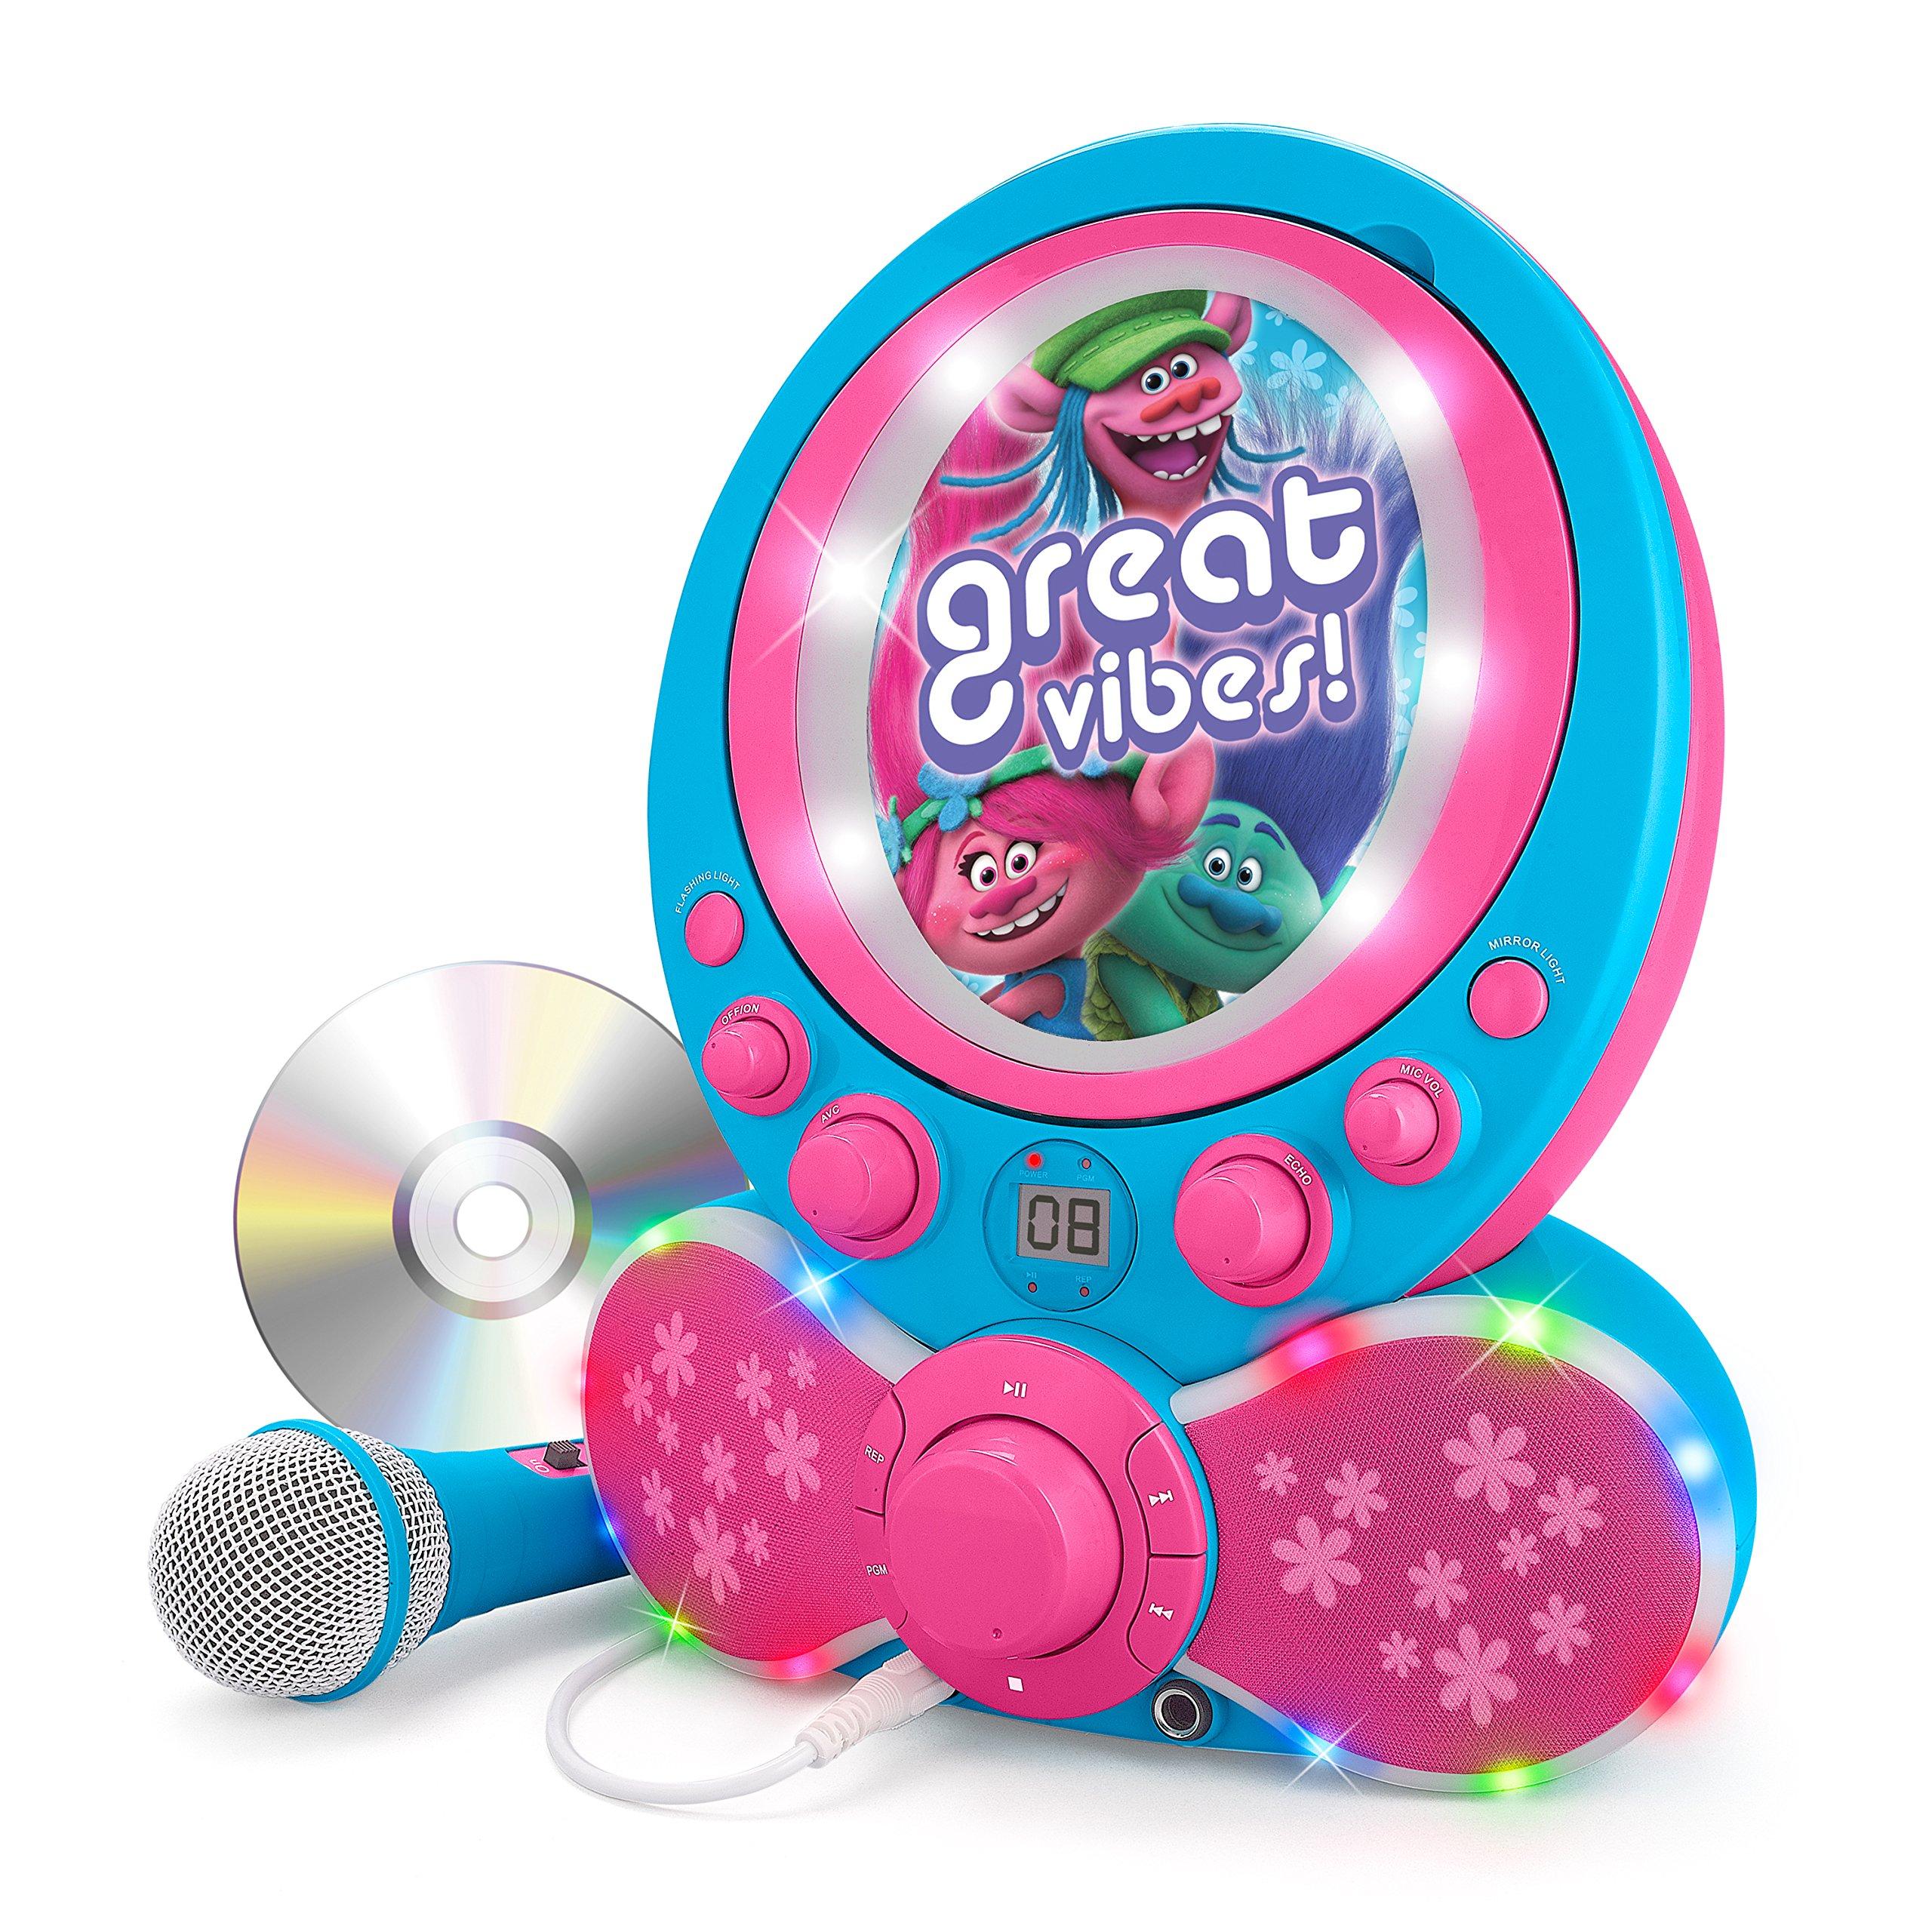 KIDdesigns Trolls CDG Karaoke Machine CD Player with Microphone by KIDdesigns (Image #2)